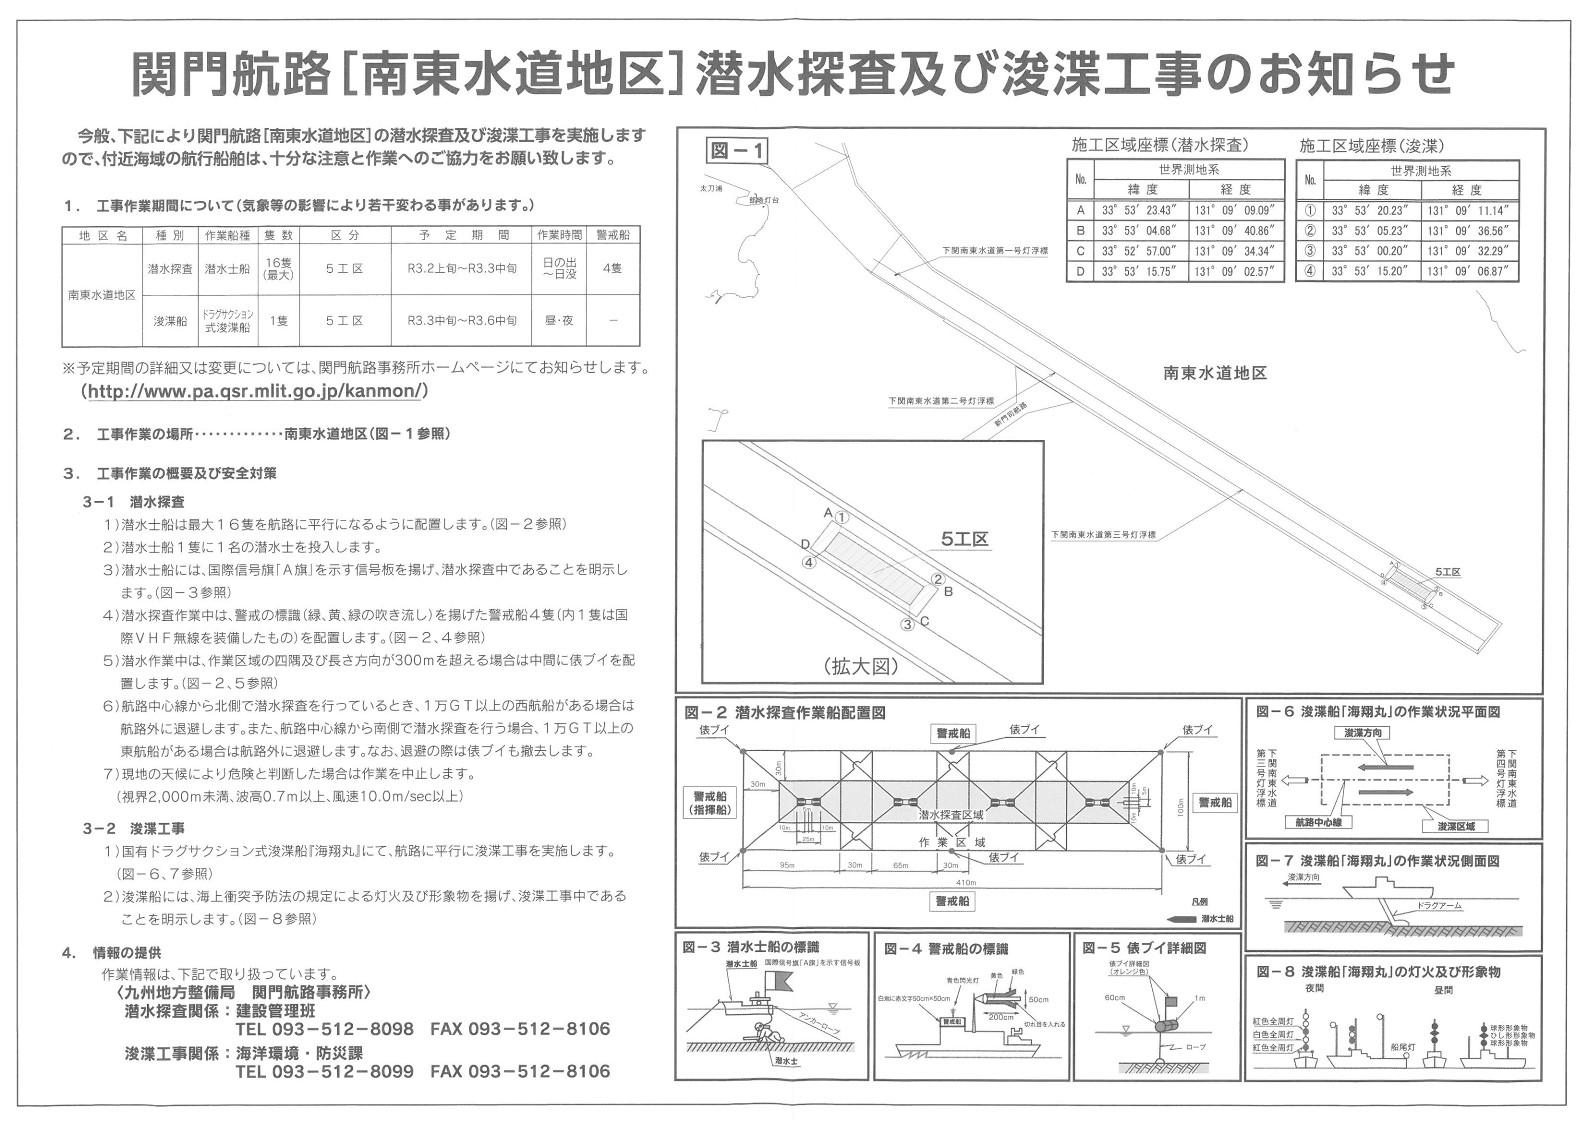 関門航路「南東水道地区」における浚渫工事等のお知らせ_2